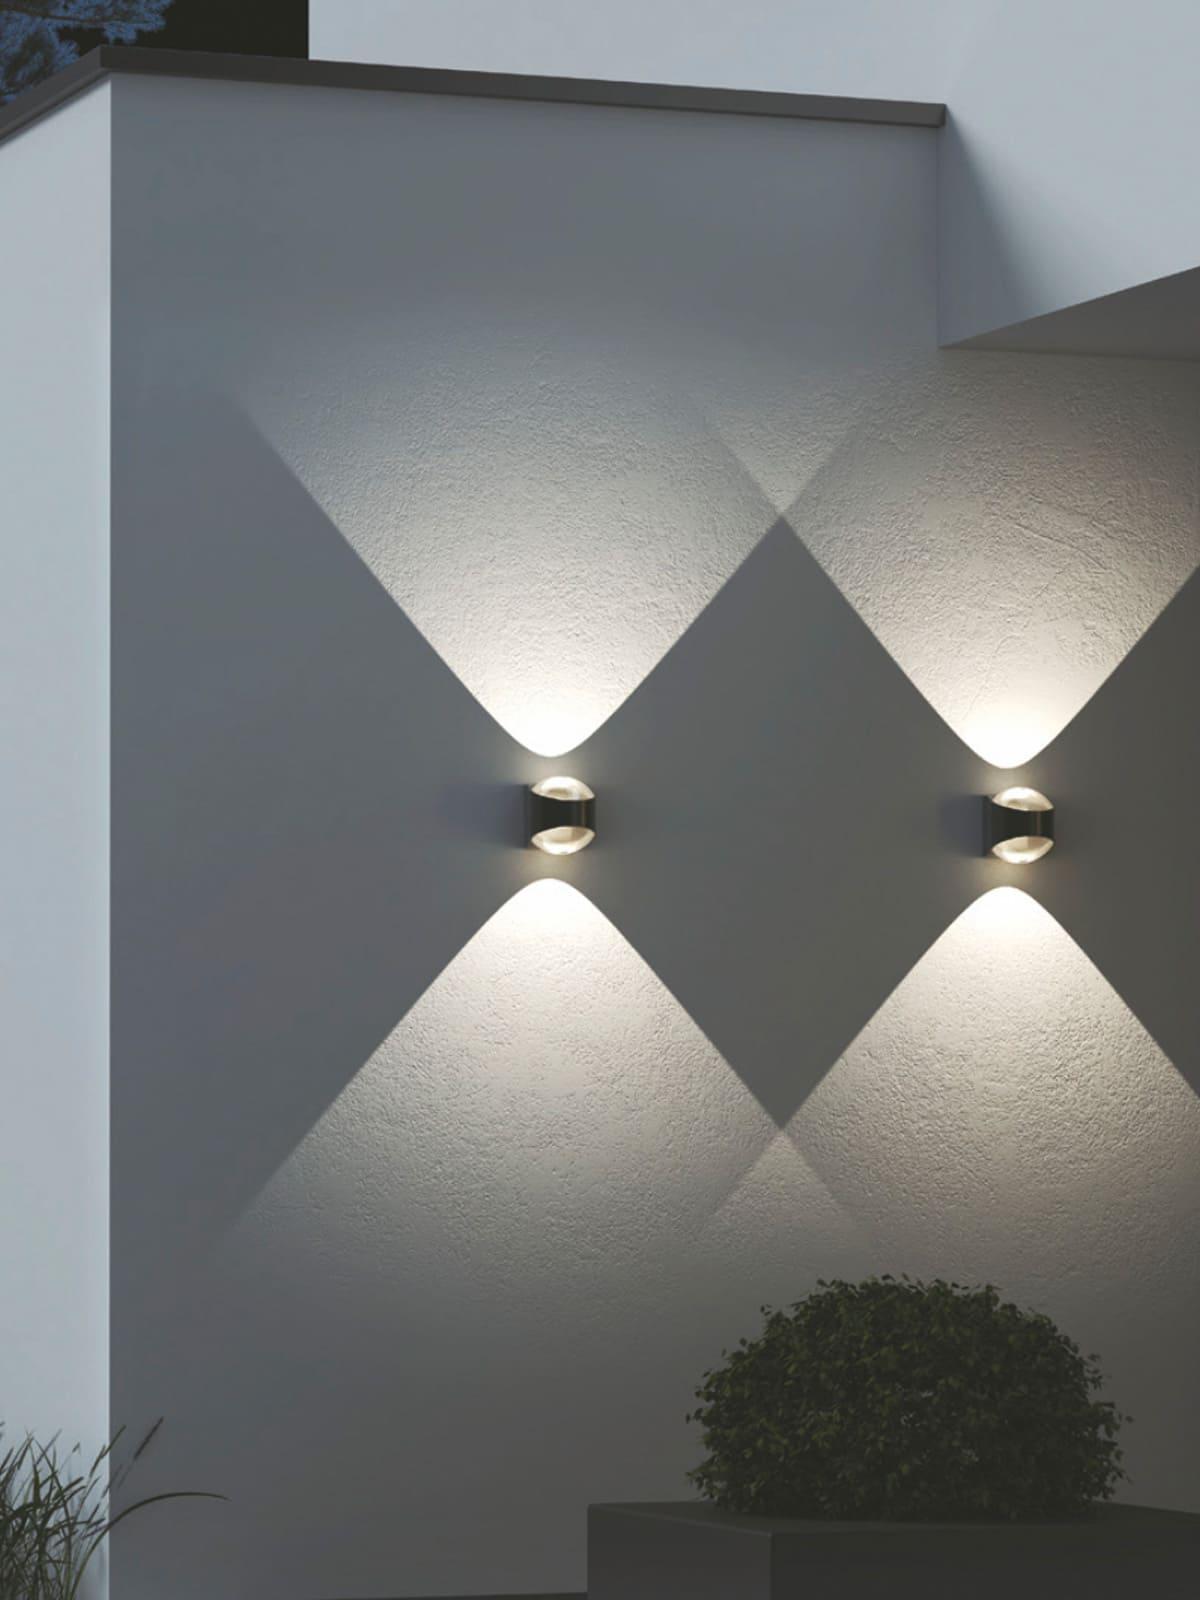 Designerleuchte Wandlampe für drinnen und draußen LOOM Design SAGA